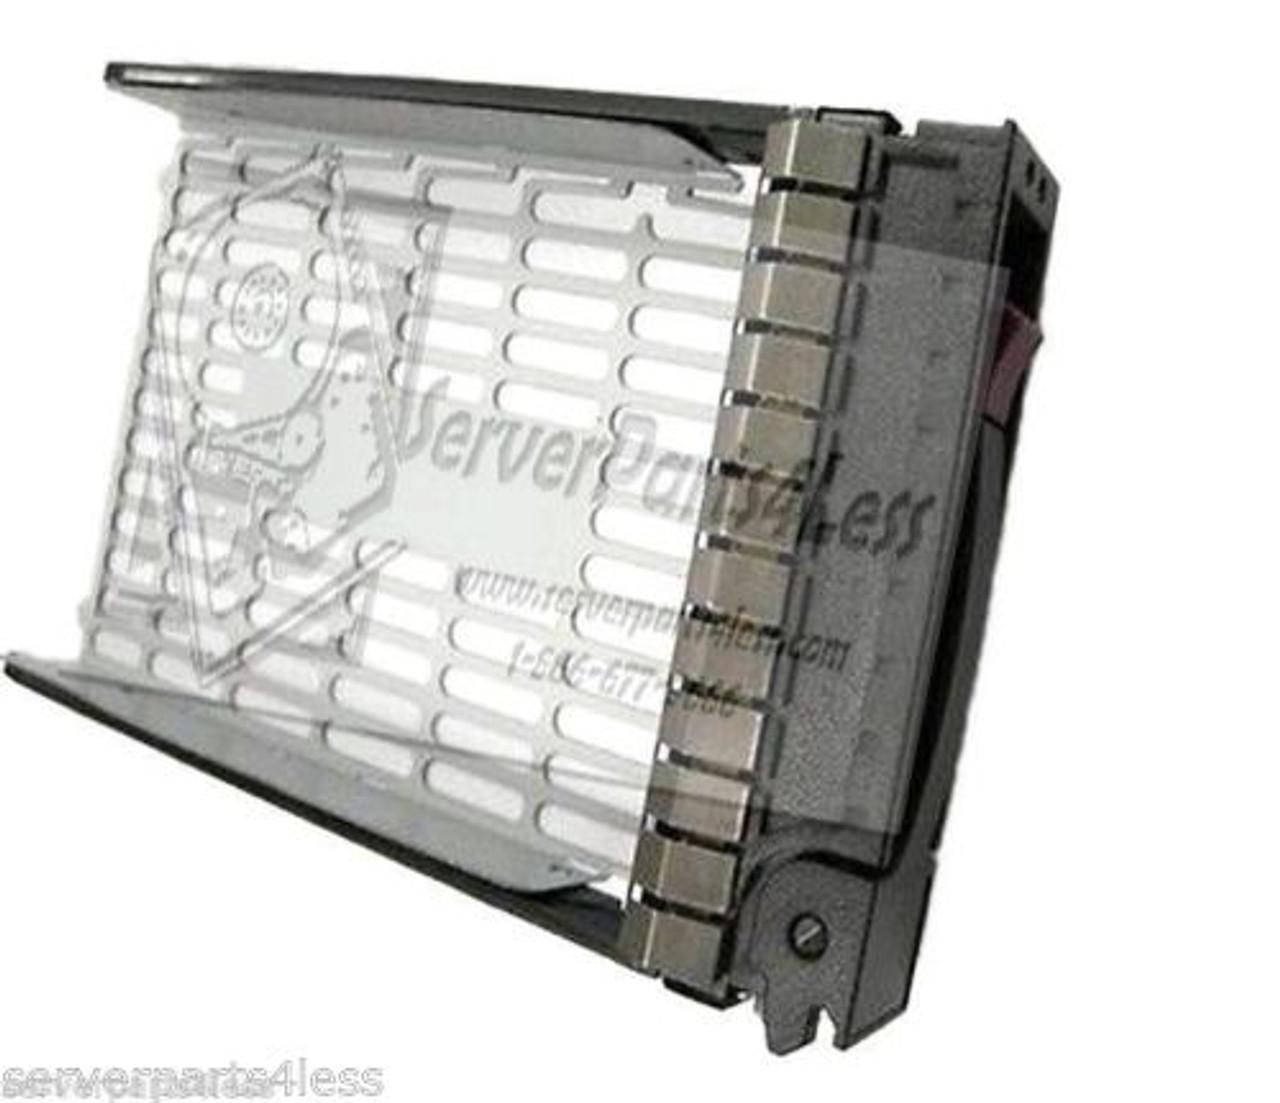 HP 3.5 inch LFF SAS//SATA Hot Plug hard drive caddy 373211-001 335537-001